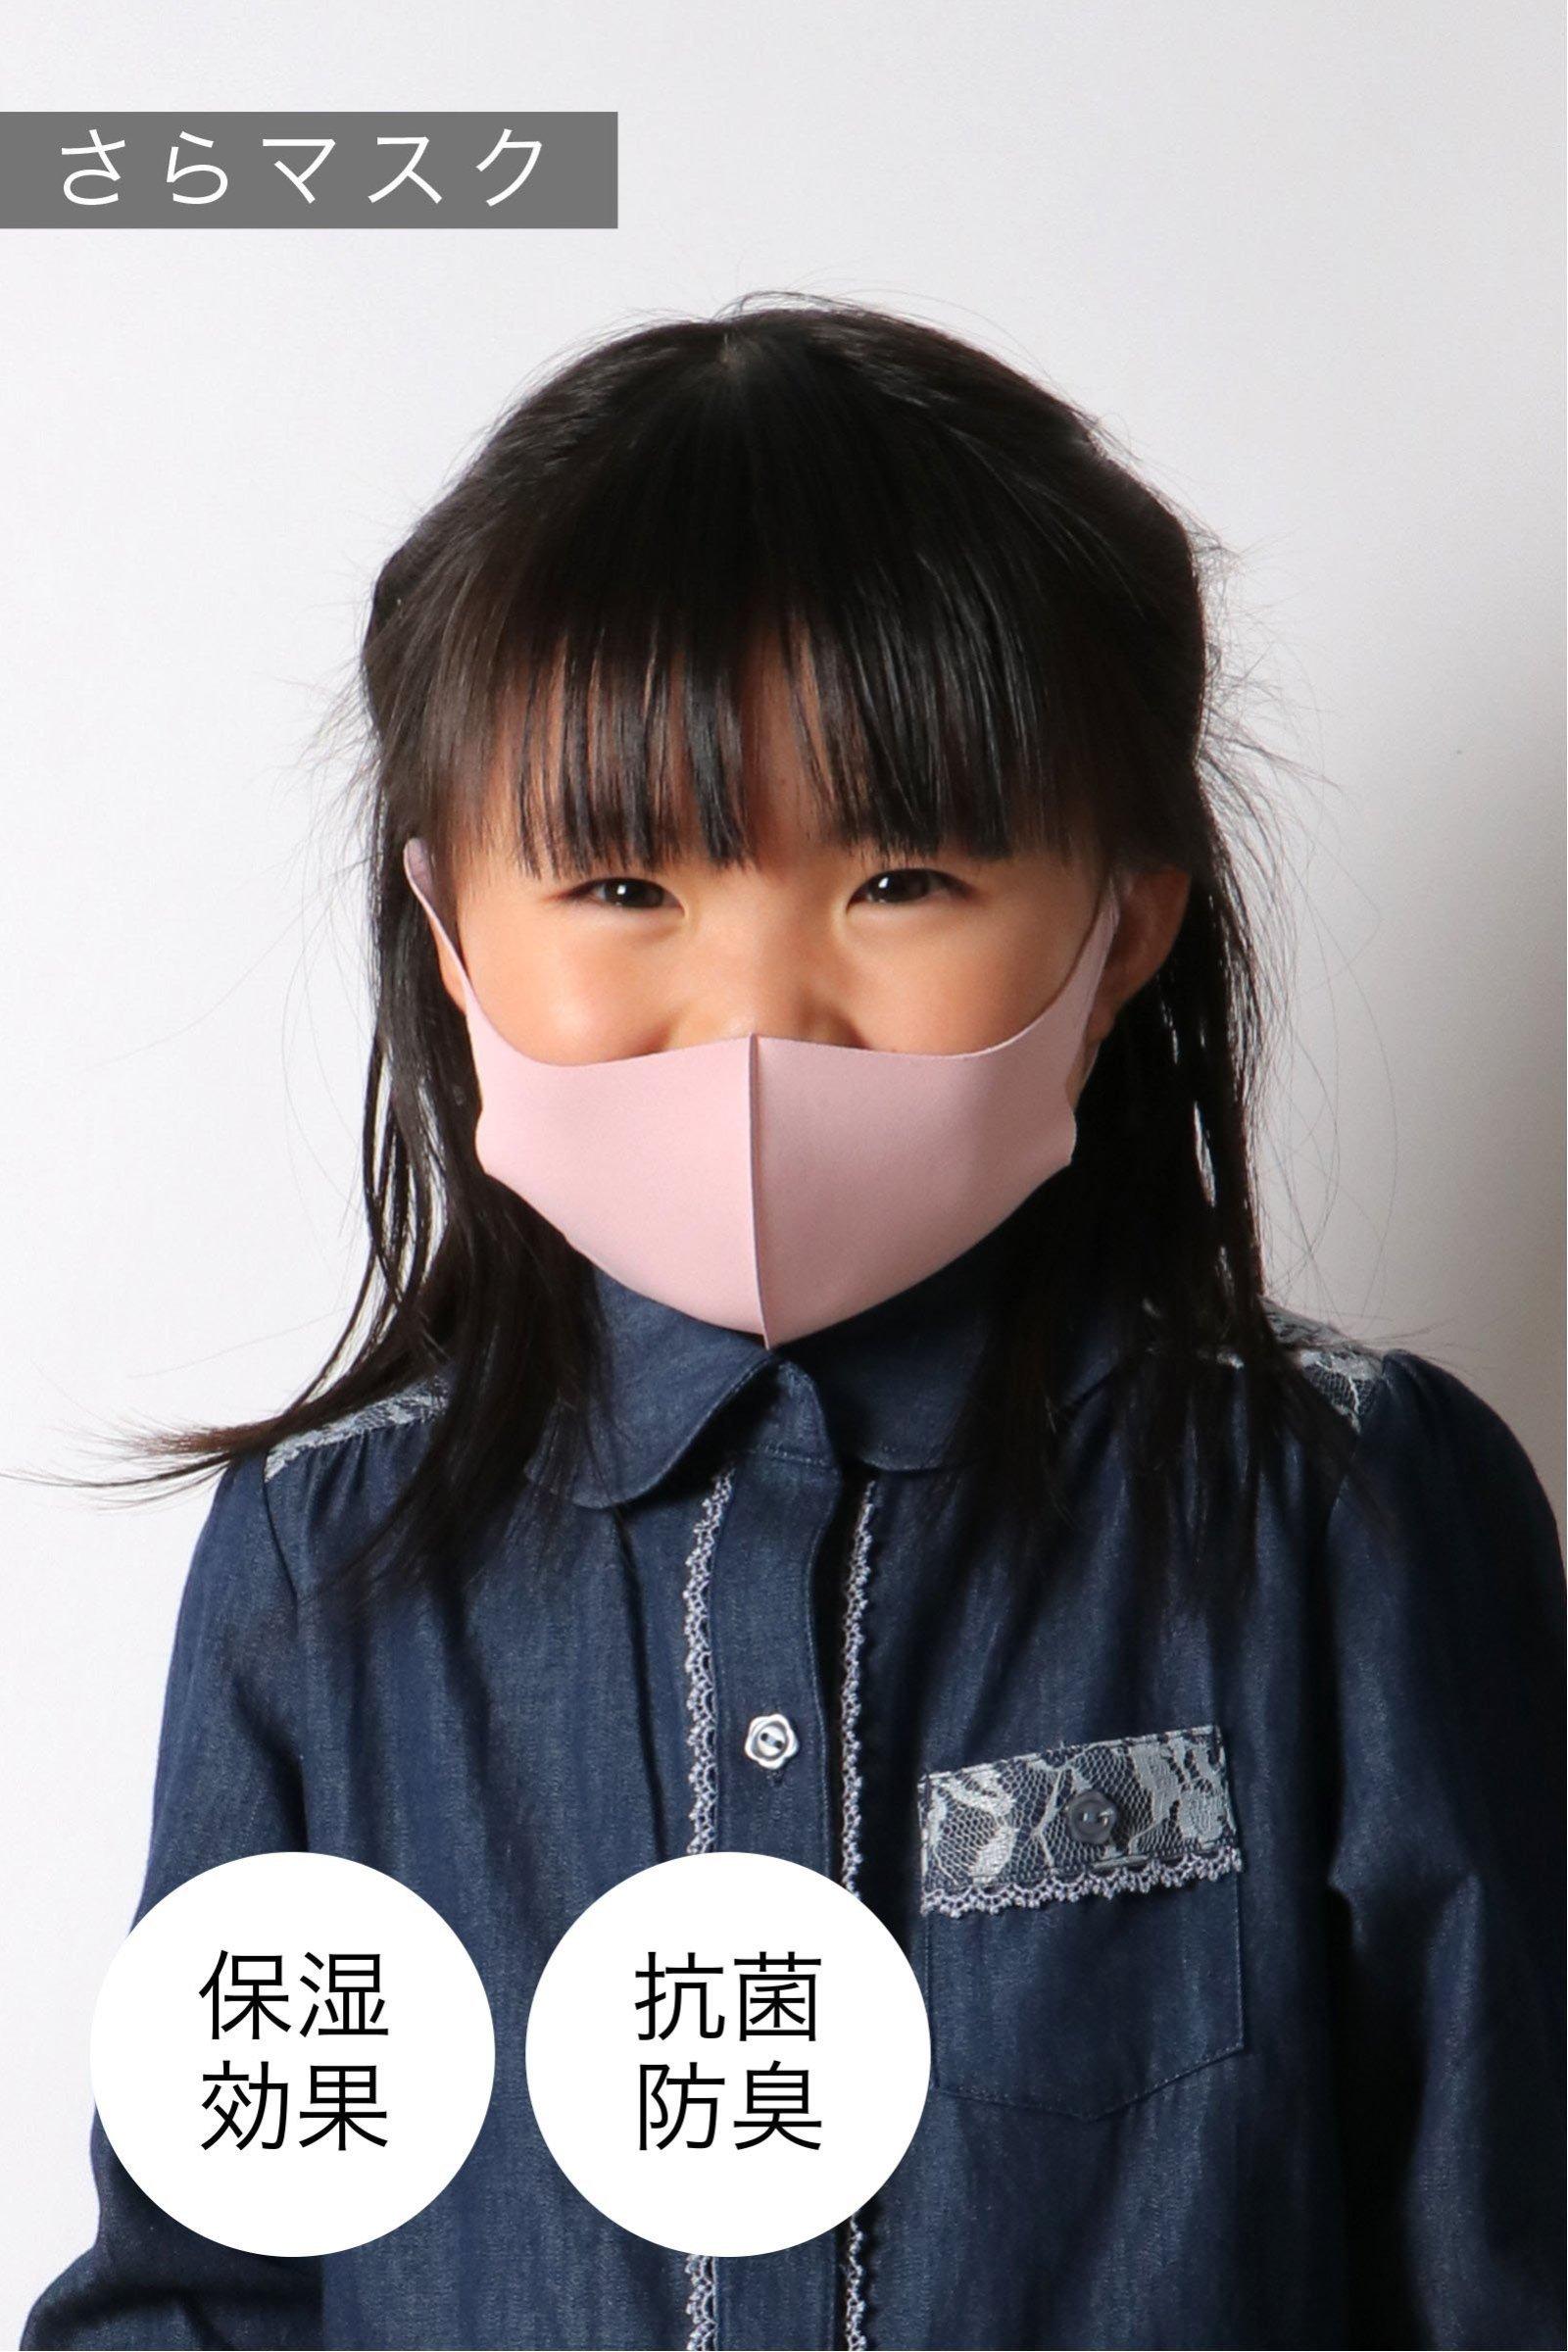 【こども用】 さらマスク ピンクホワイト